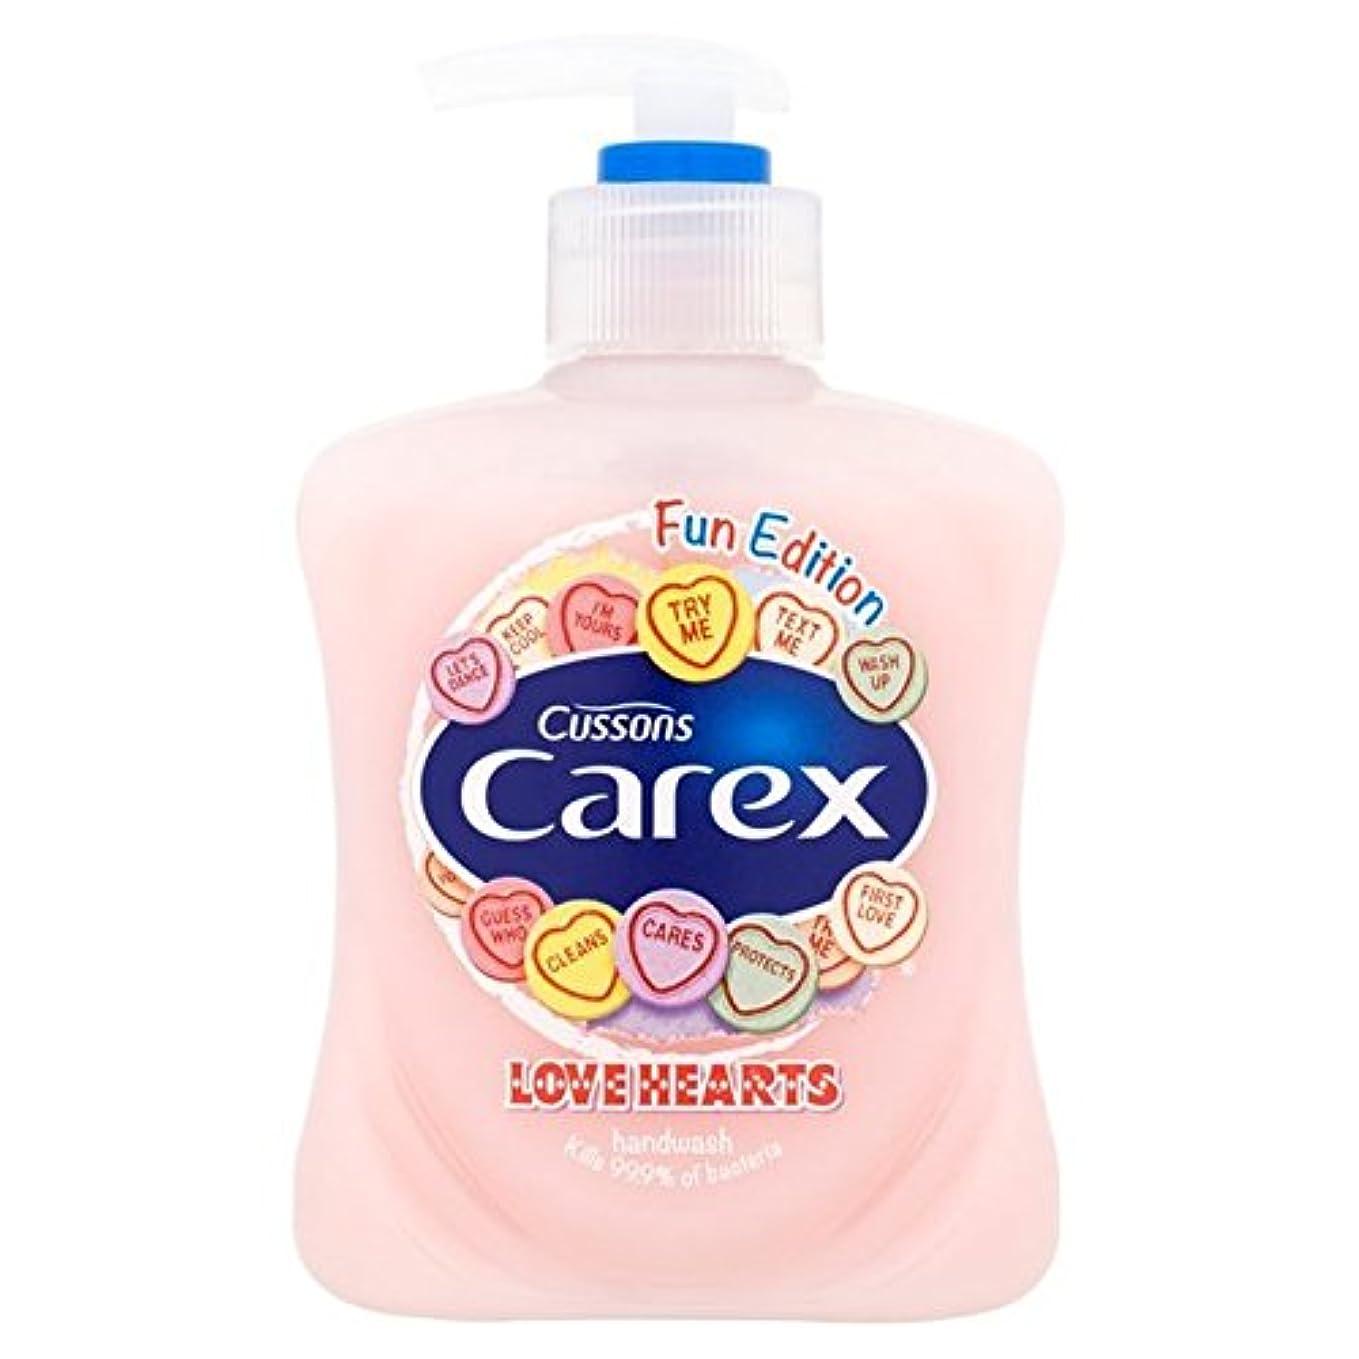 編集者偏見プログレッシブスゲ楽しい版愛の心のハンドウォッシュ250ミリリットル x2 - Carex Fun Edition Love Hearts Hand Wash 250ml (Pack of 2) [並行輸入品]